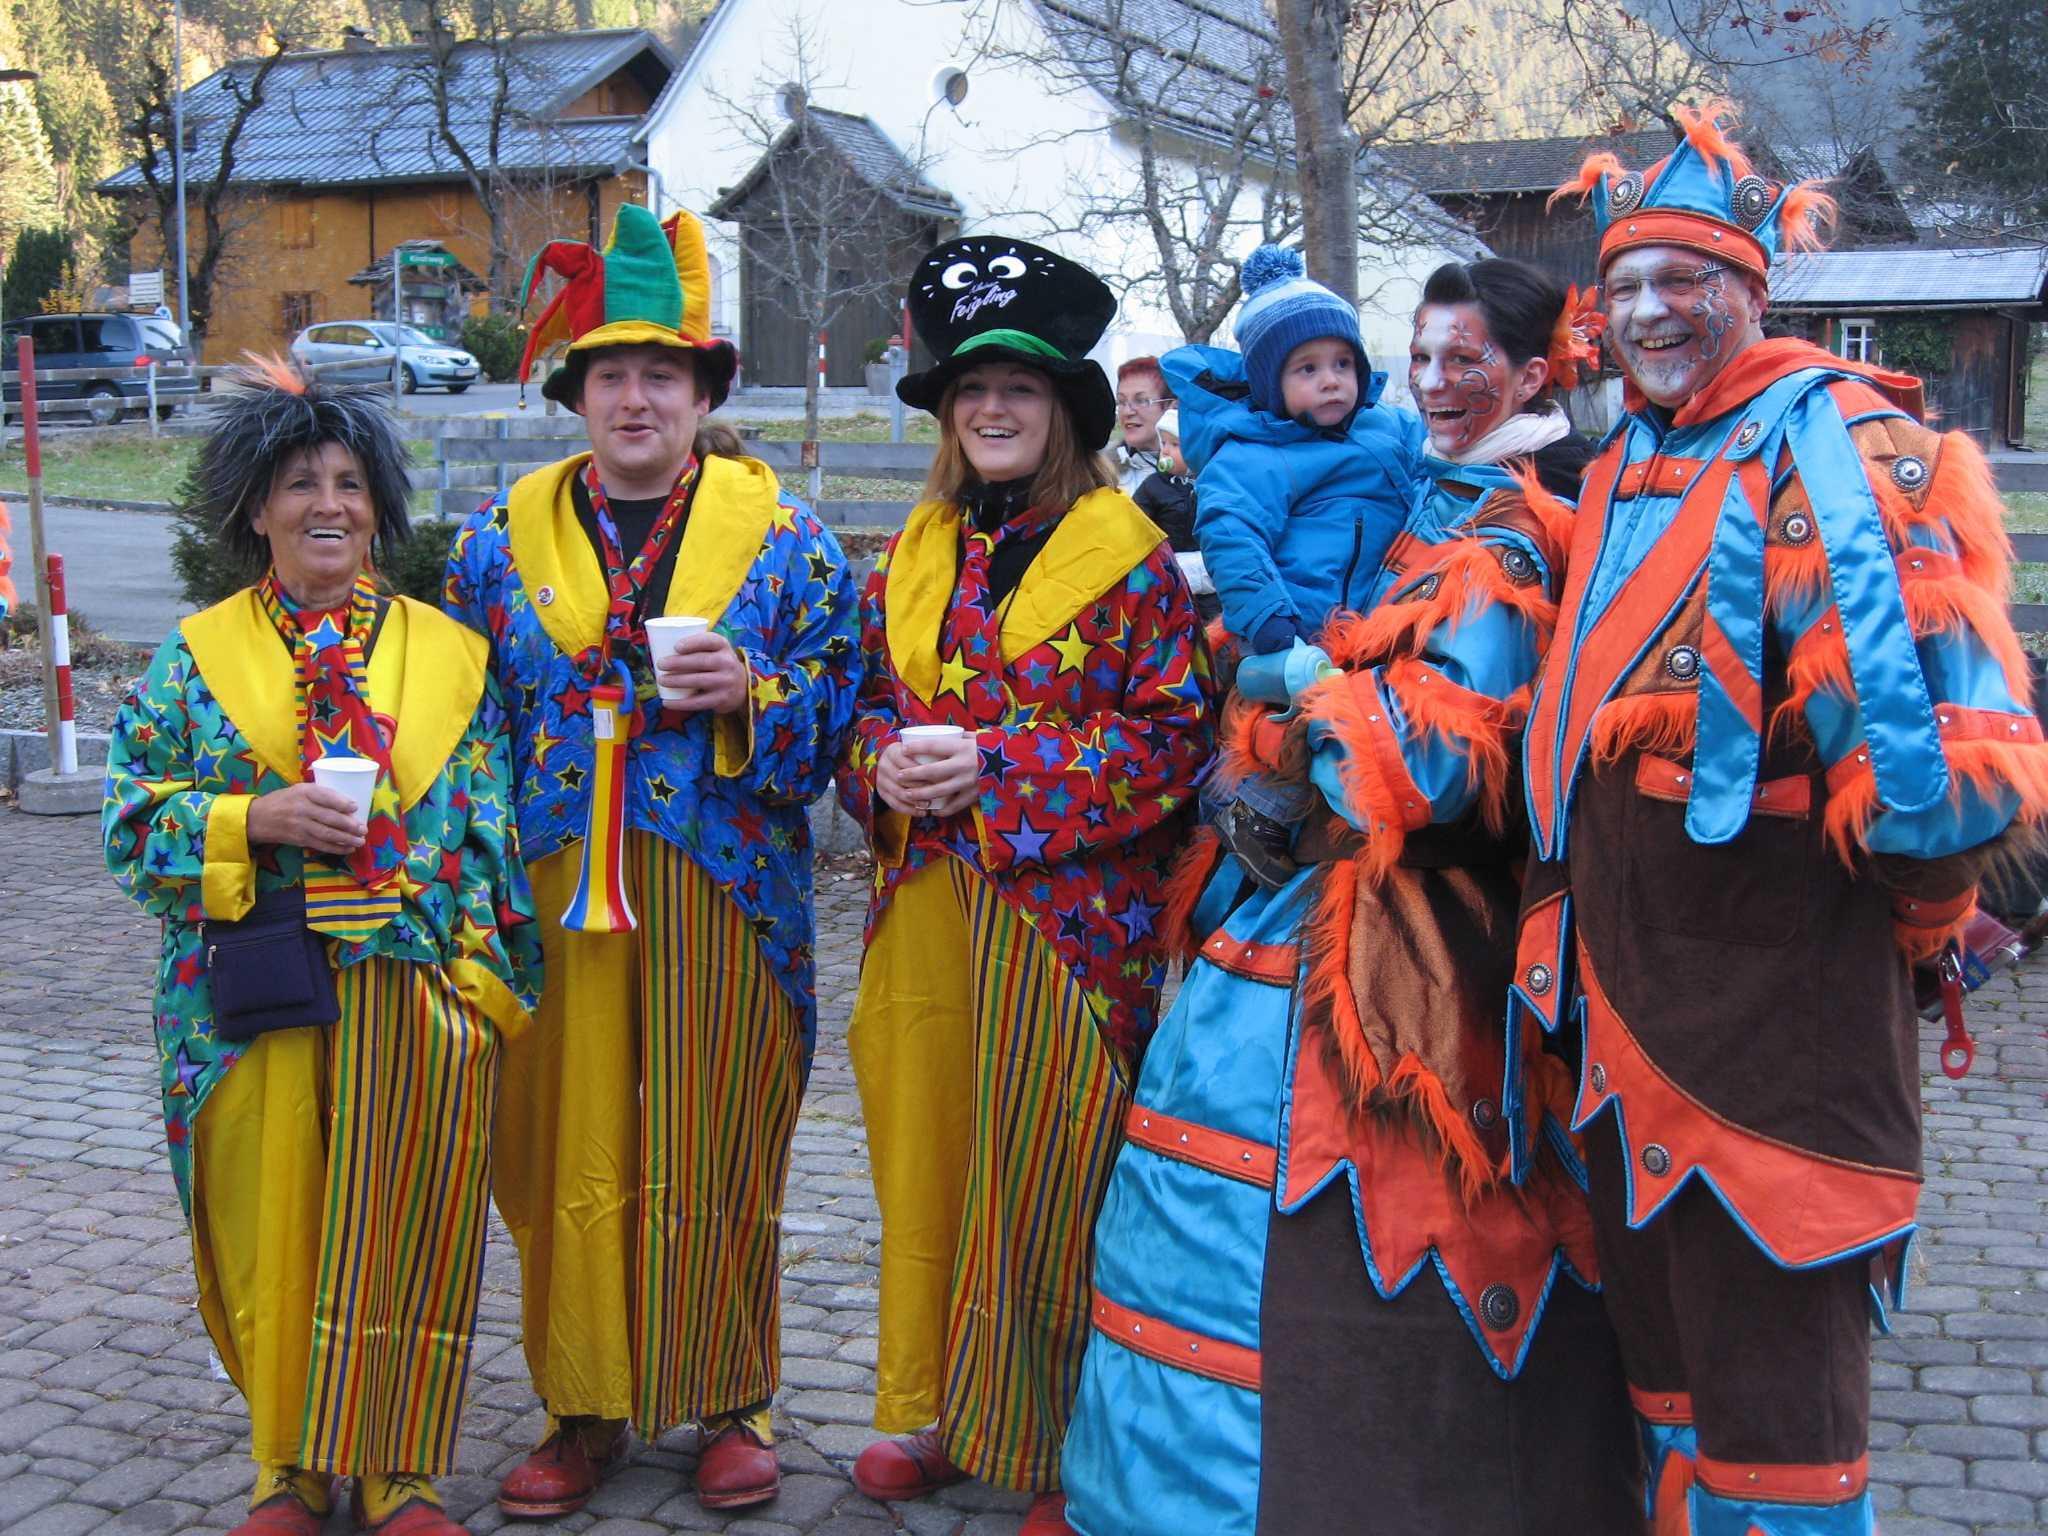 Die Partener Latschasorri und die Faschingsgilde feierten den Faschingsbeginn.